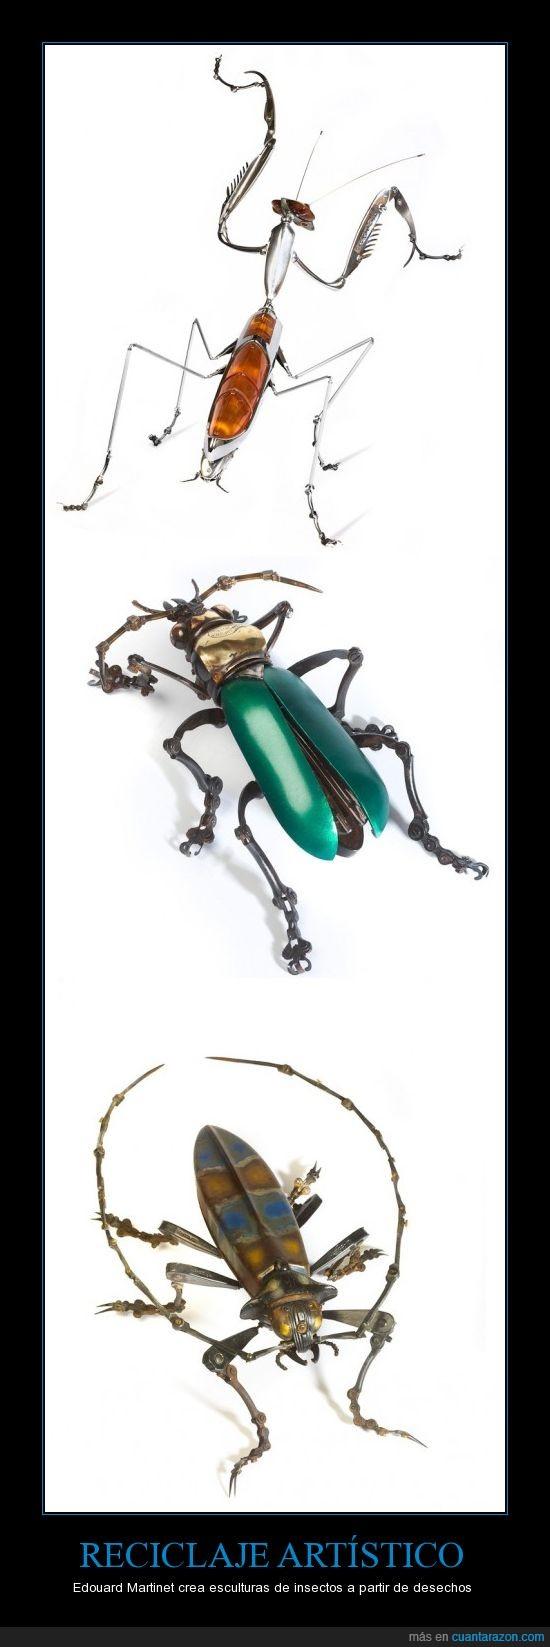 arte,creatividad,escultura,ingenio,insecto,reciclaje